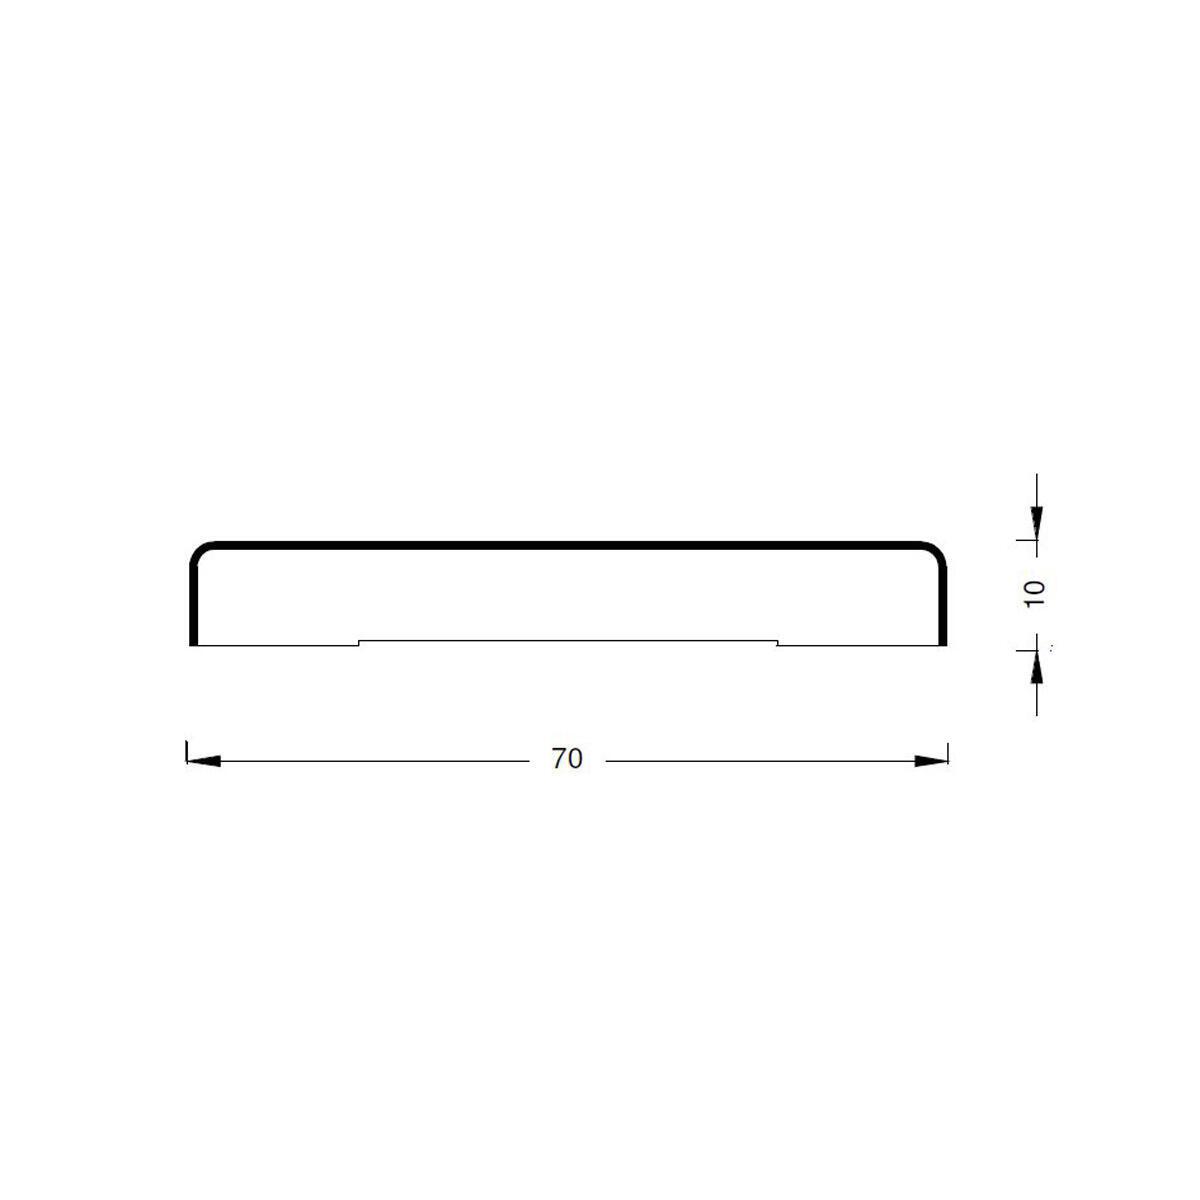 Coprifilo in legno legno massello naturale L 2250 x P 10 x H 70 mm - 6